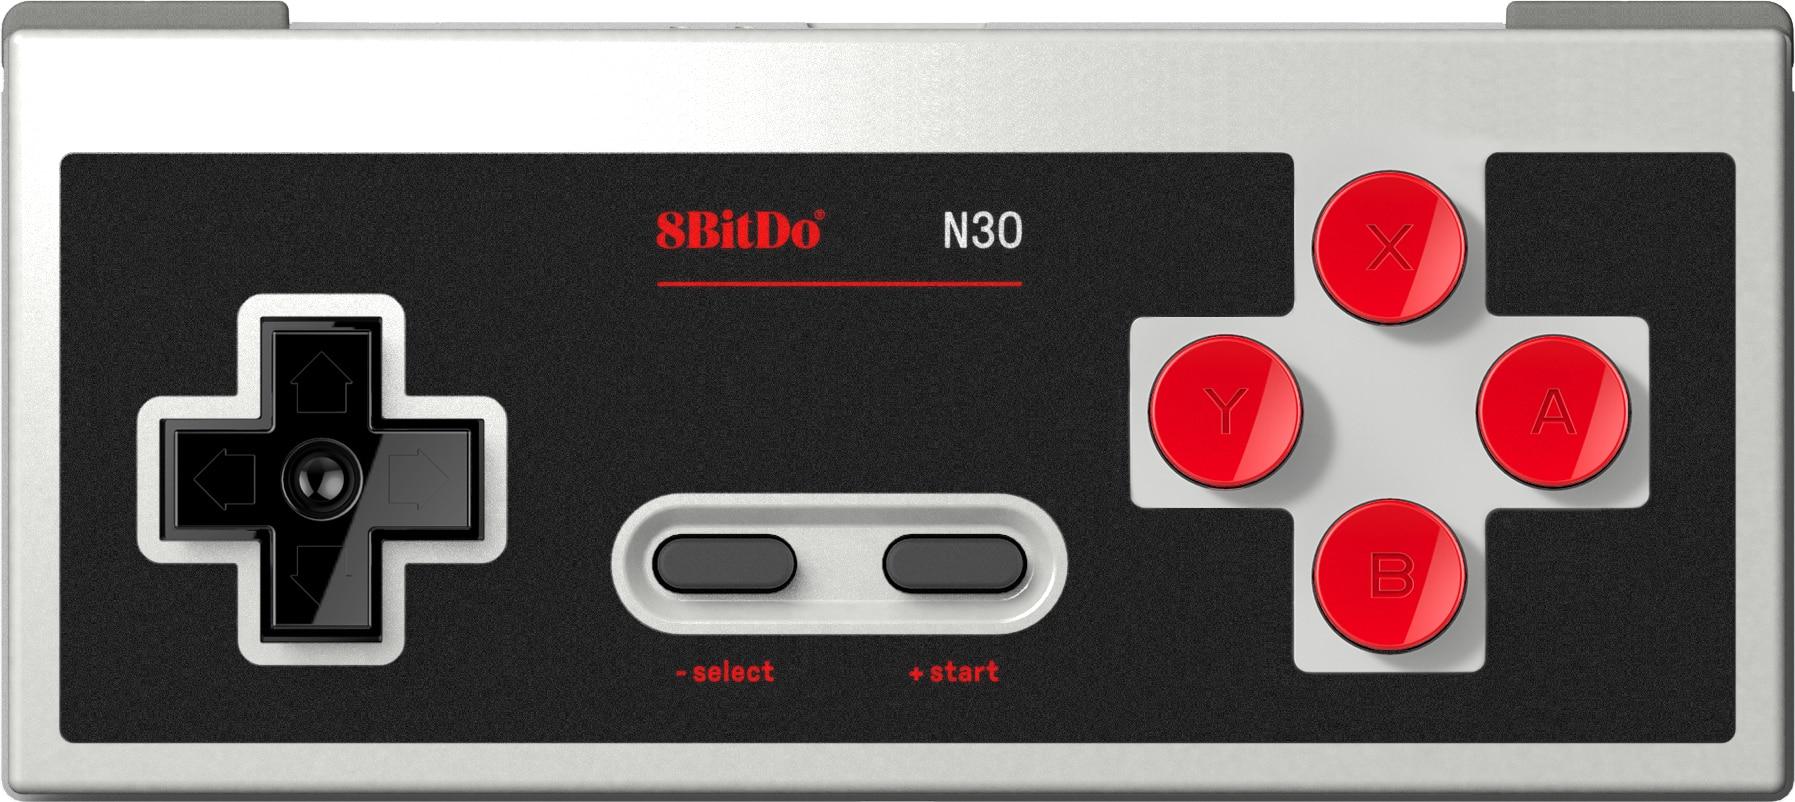 Официальный 8bitdo N30 Новый кожаный Bluetooth контроллер геймпад поддержка переключатель Android MacOS паровые Windows